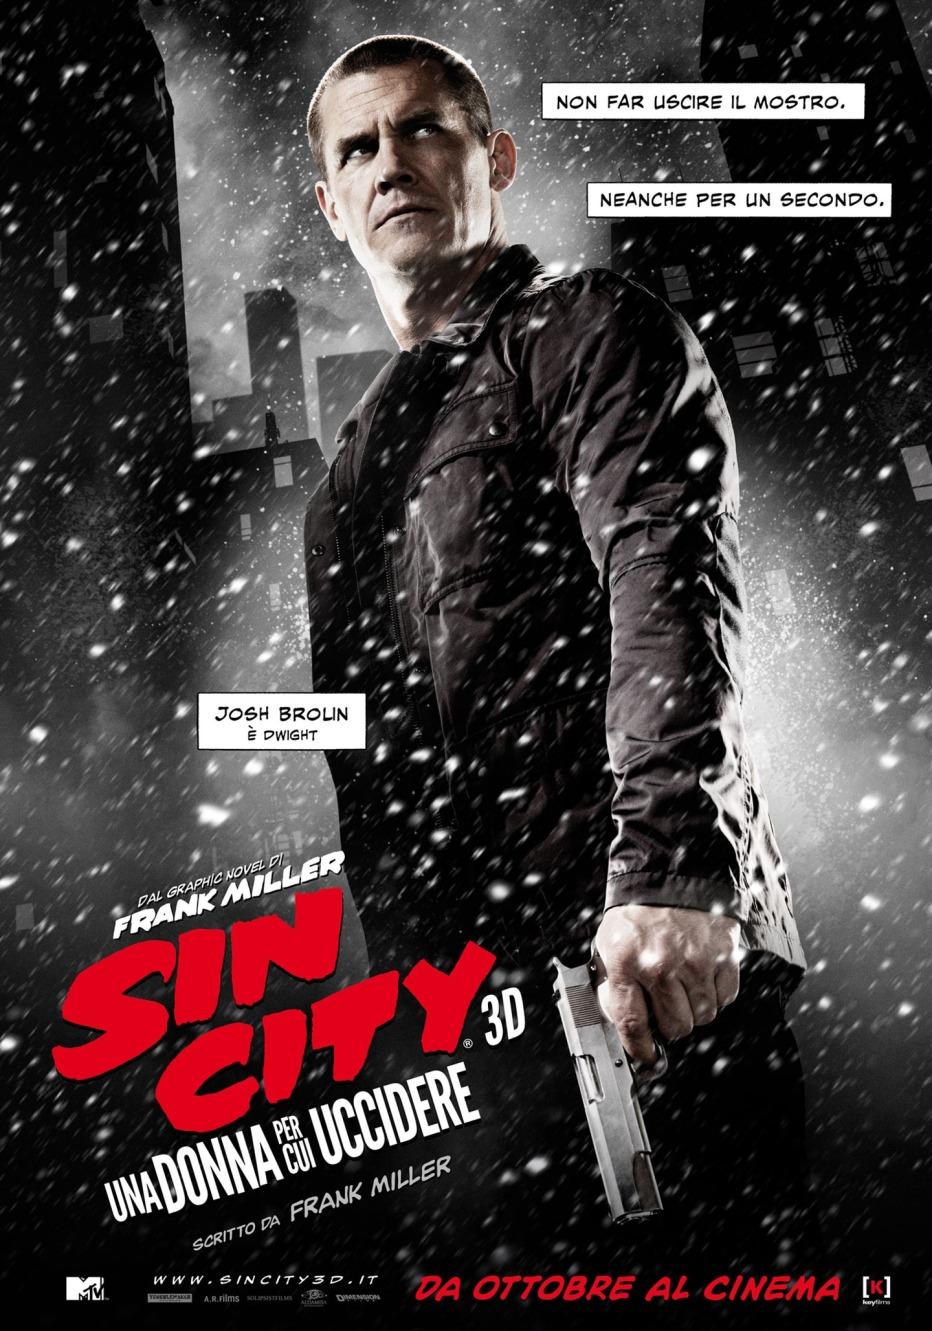 Sin-City-Una-donna-per-cui-uccidere-2014-Frank-Miller-Robert-Rodriguez-32.jpg